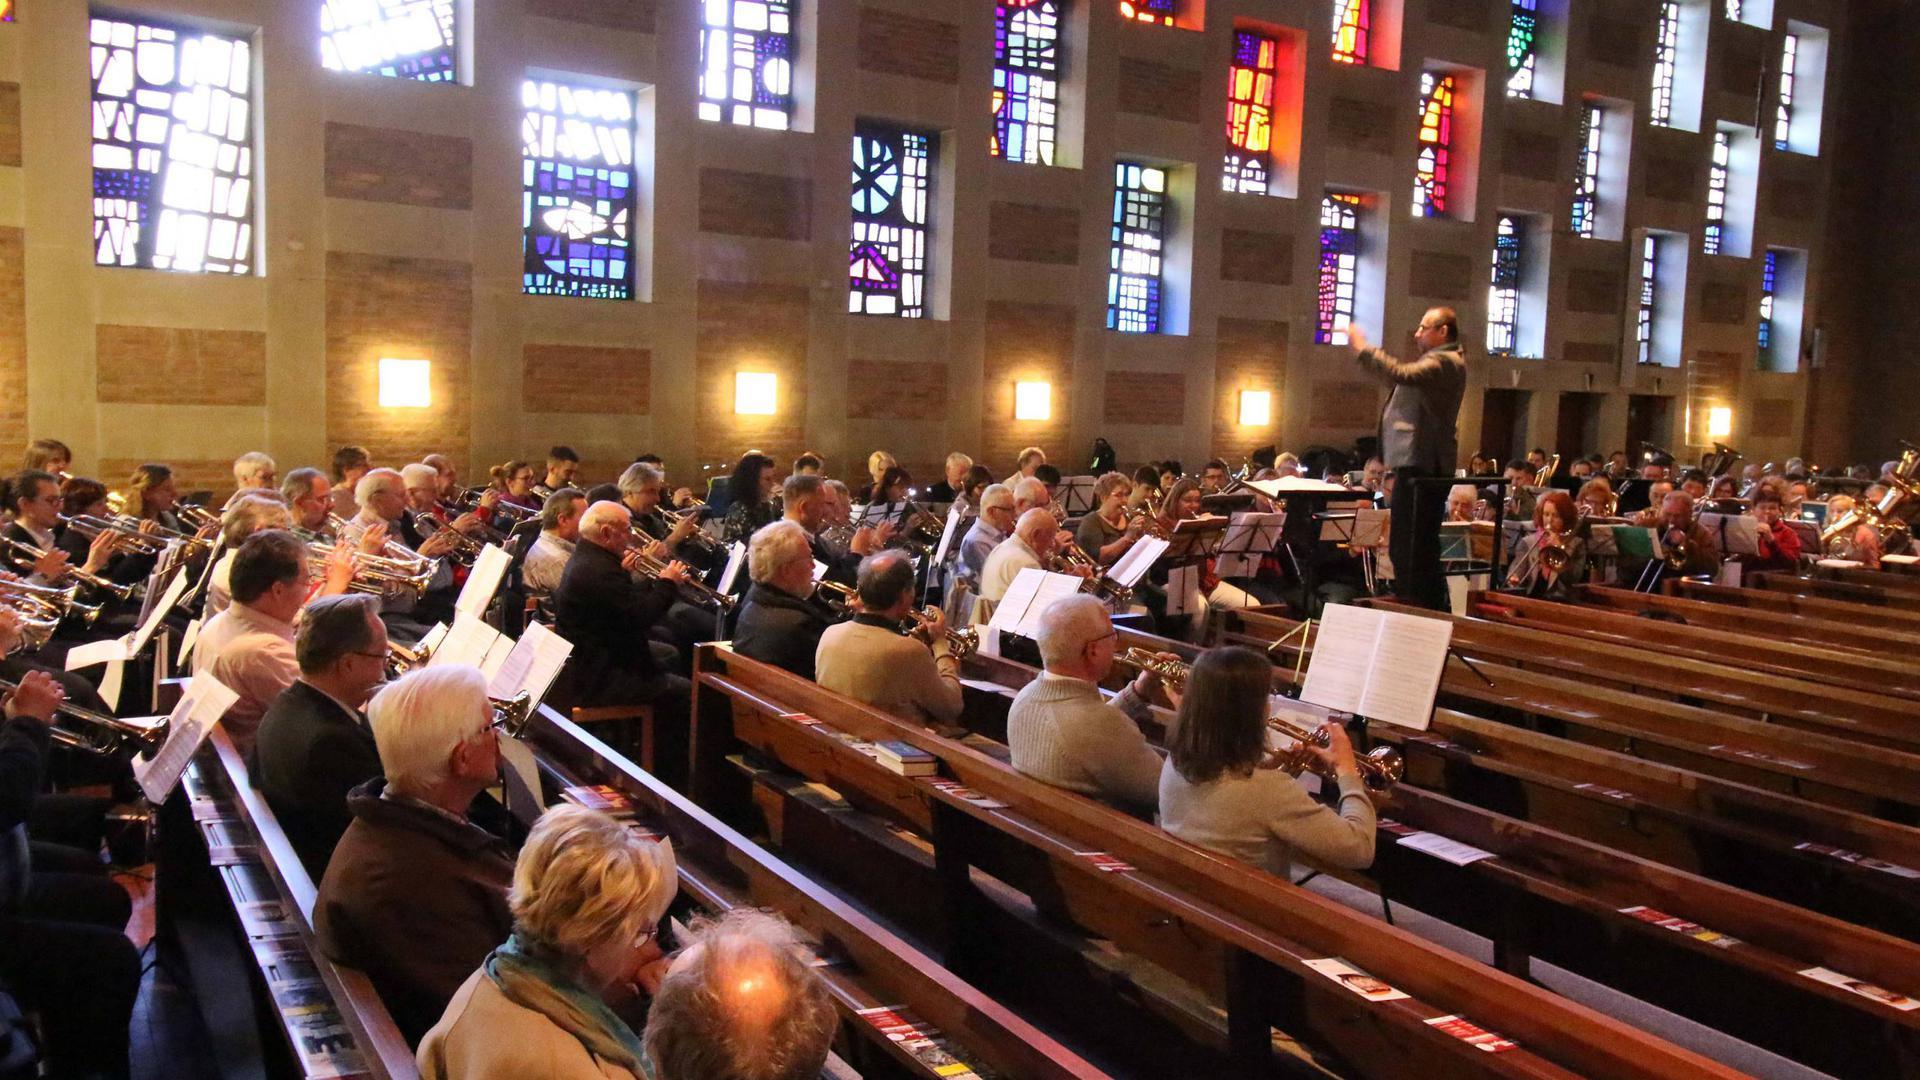 Musiker in Kirche